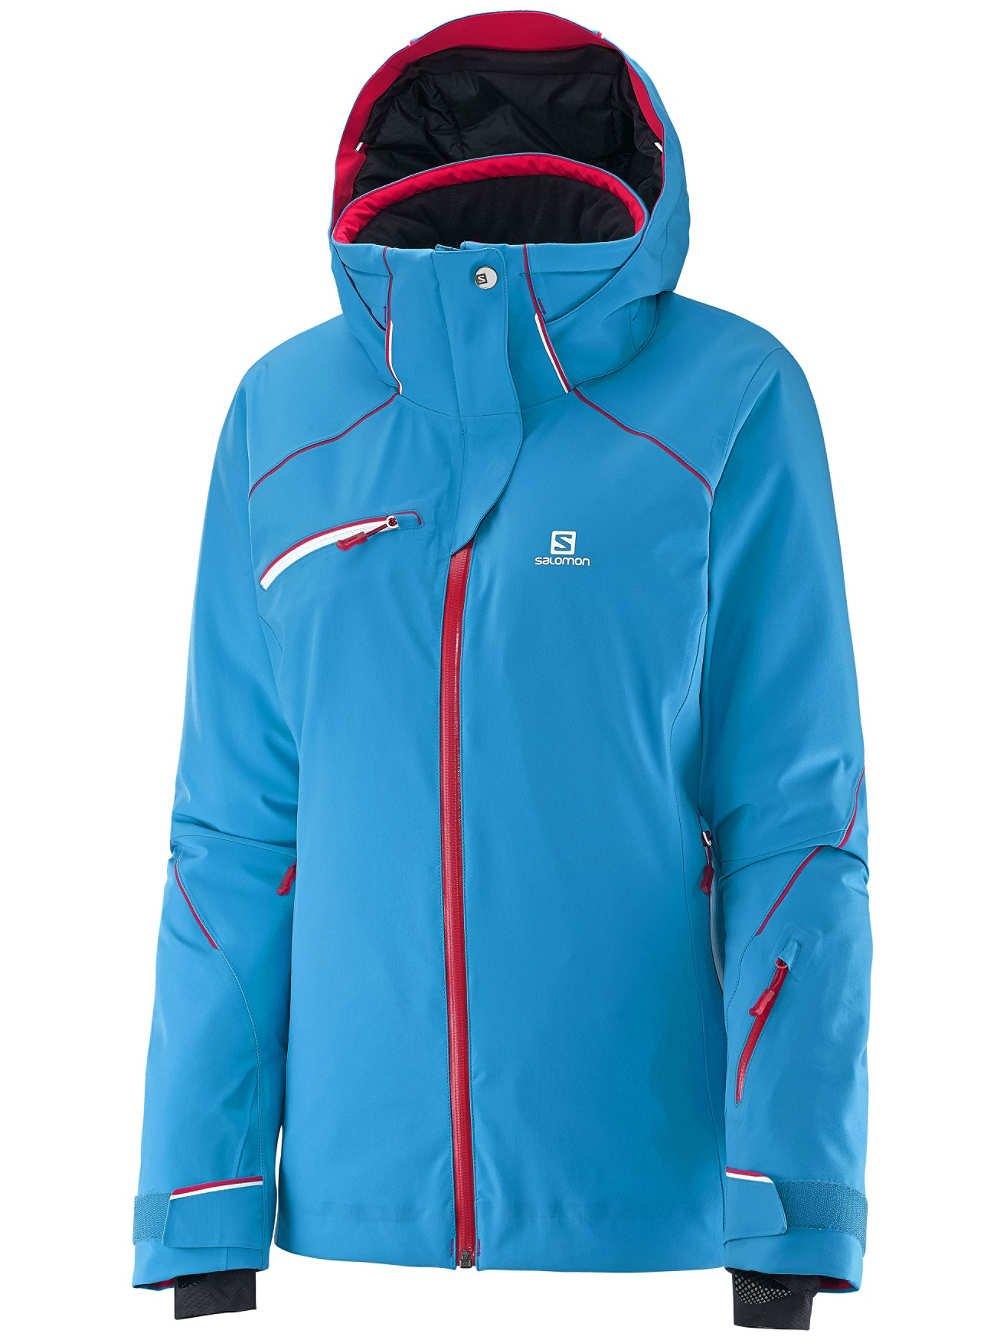 Damen Snowboard Jacke Salomon Speed Jacket günstig online kaufen